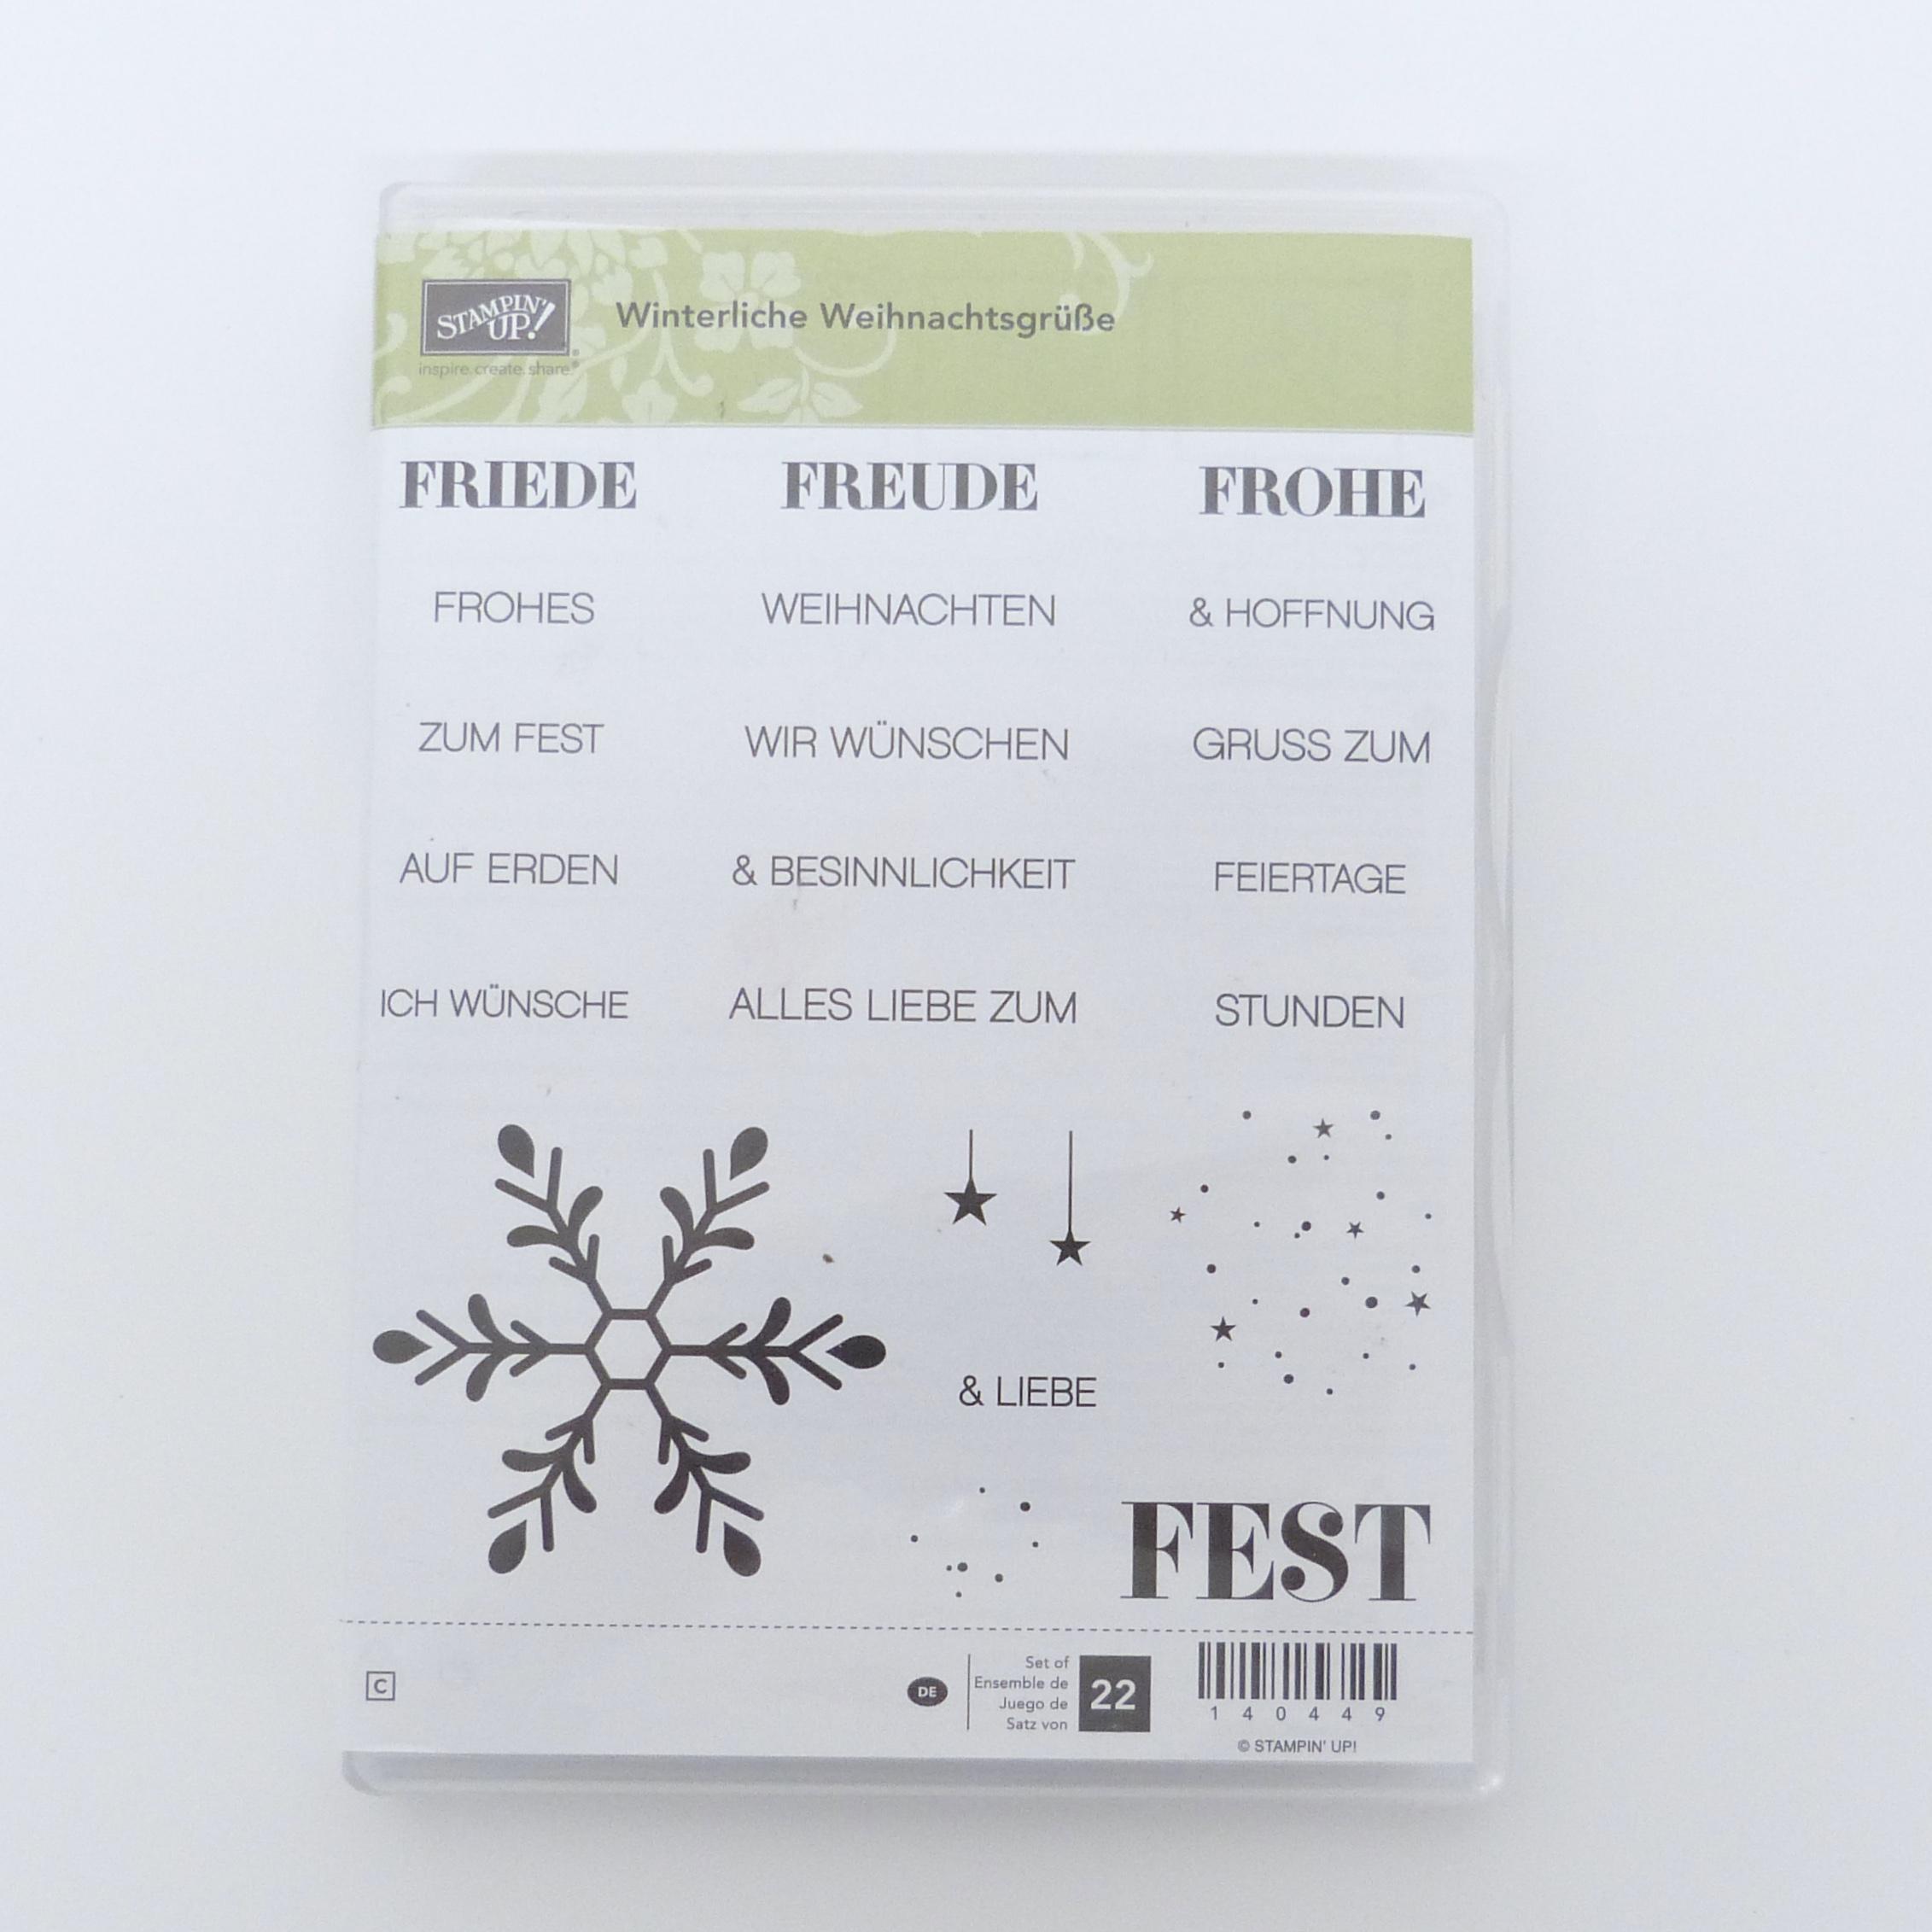 Winterliche Weihnachtsgrüße.Winterliche Weihnachtsgrüße Gebrauchtes Stempelset Von Stampin Up